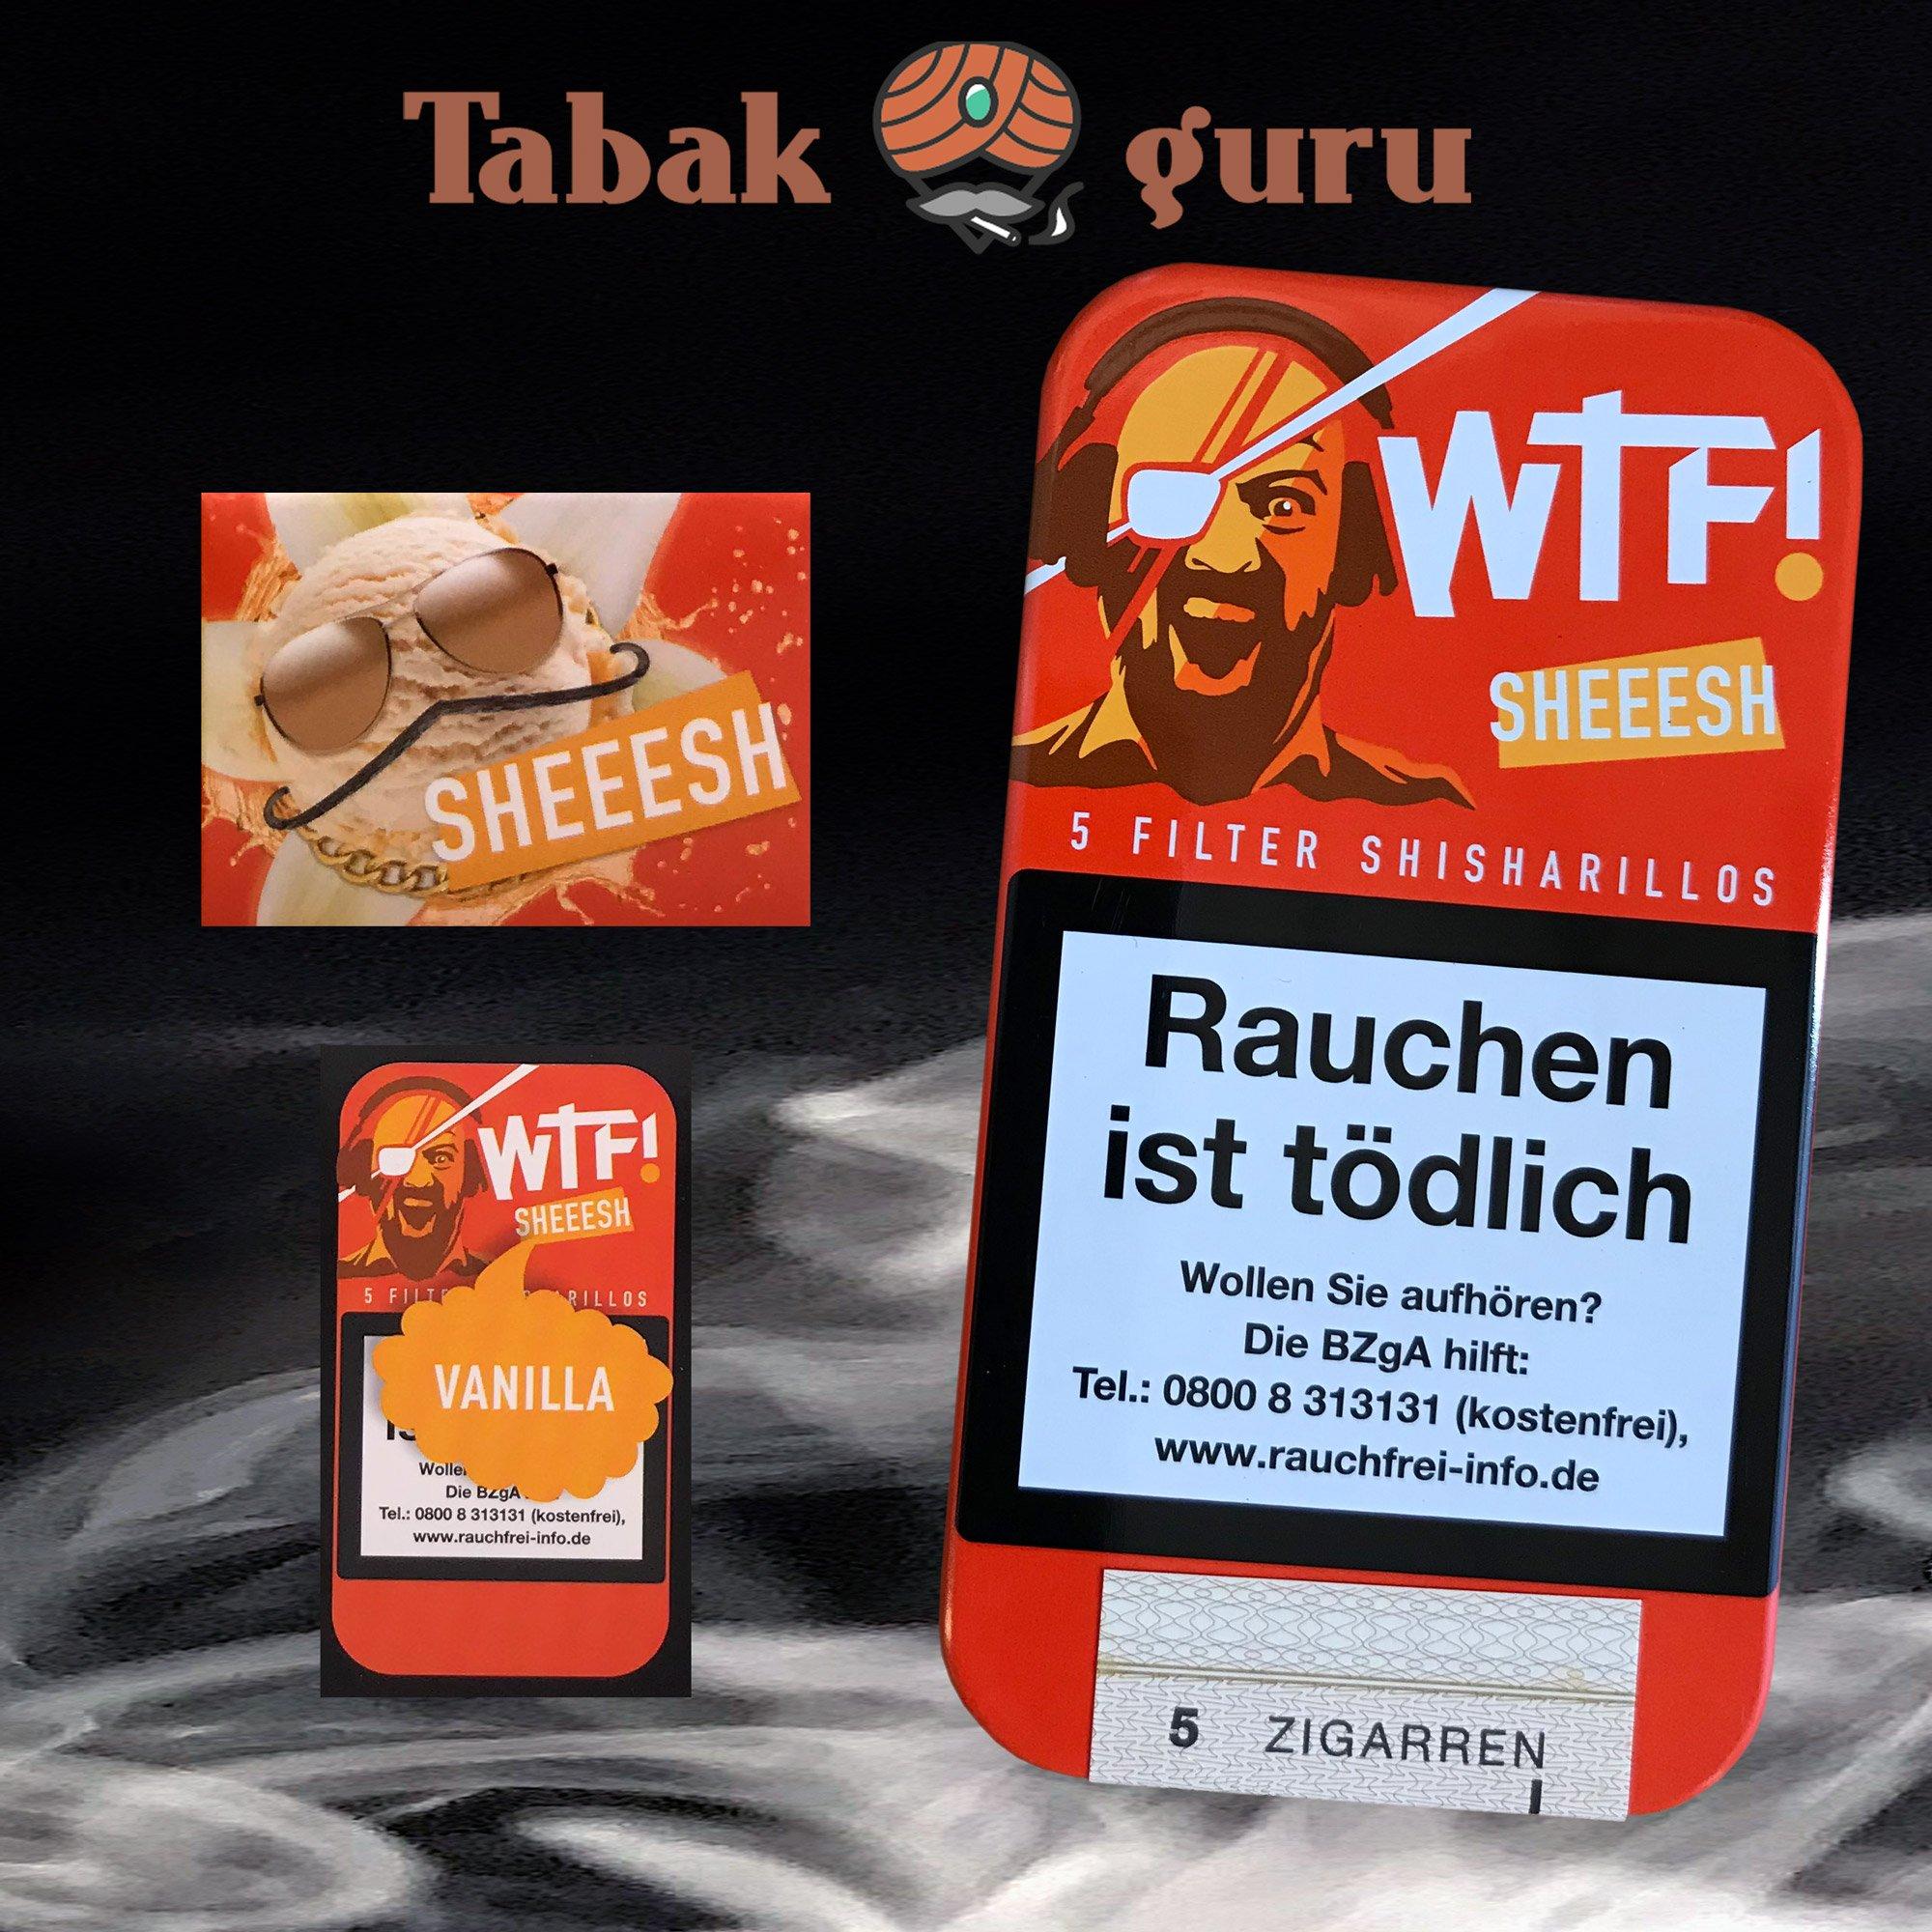 5 Filter WTF! Shisharillos Geschmacksrichtung SHEEESH (Vanille)